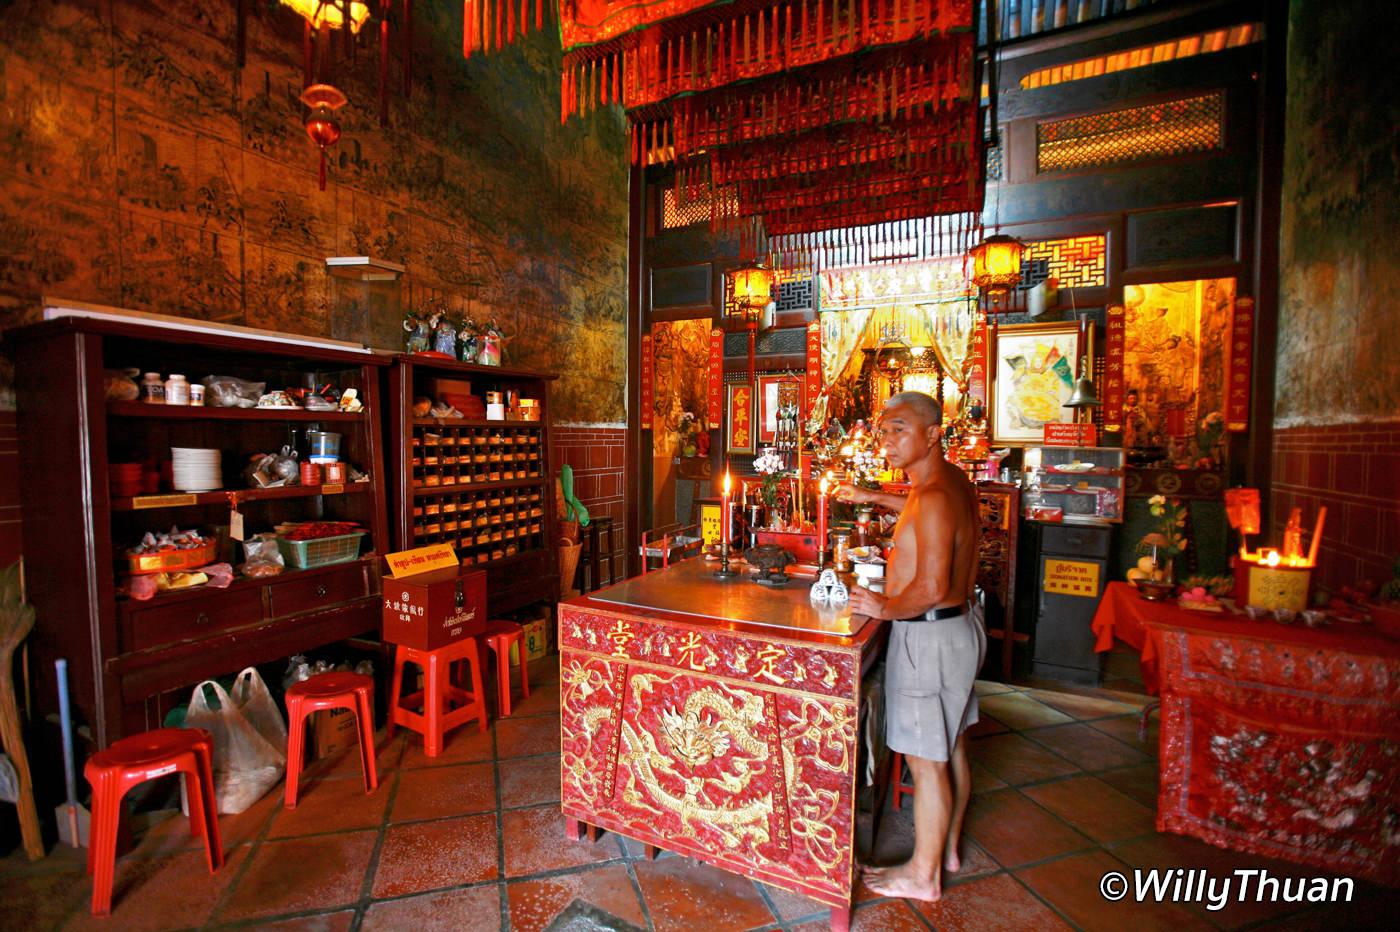 Shrine of The Serene Light Phuket Twon